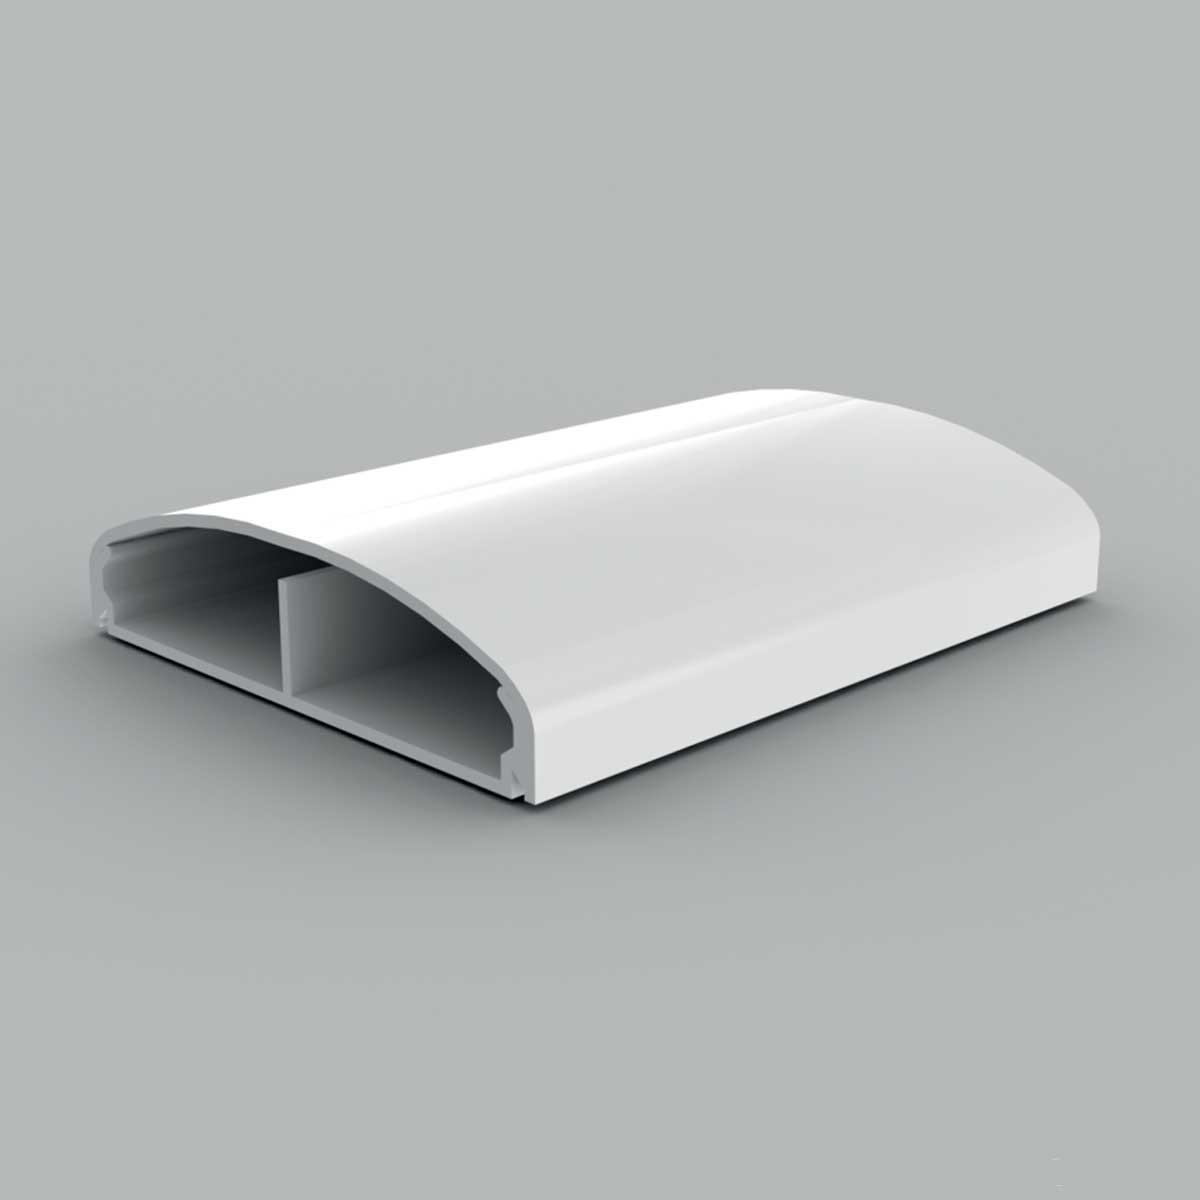 Кабельний канал з ПВХ білого кольору 20х80мм; Серія LЕ Елегант; ПВХ